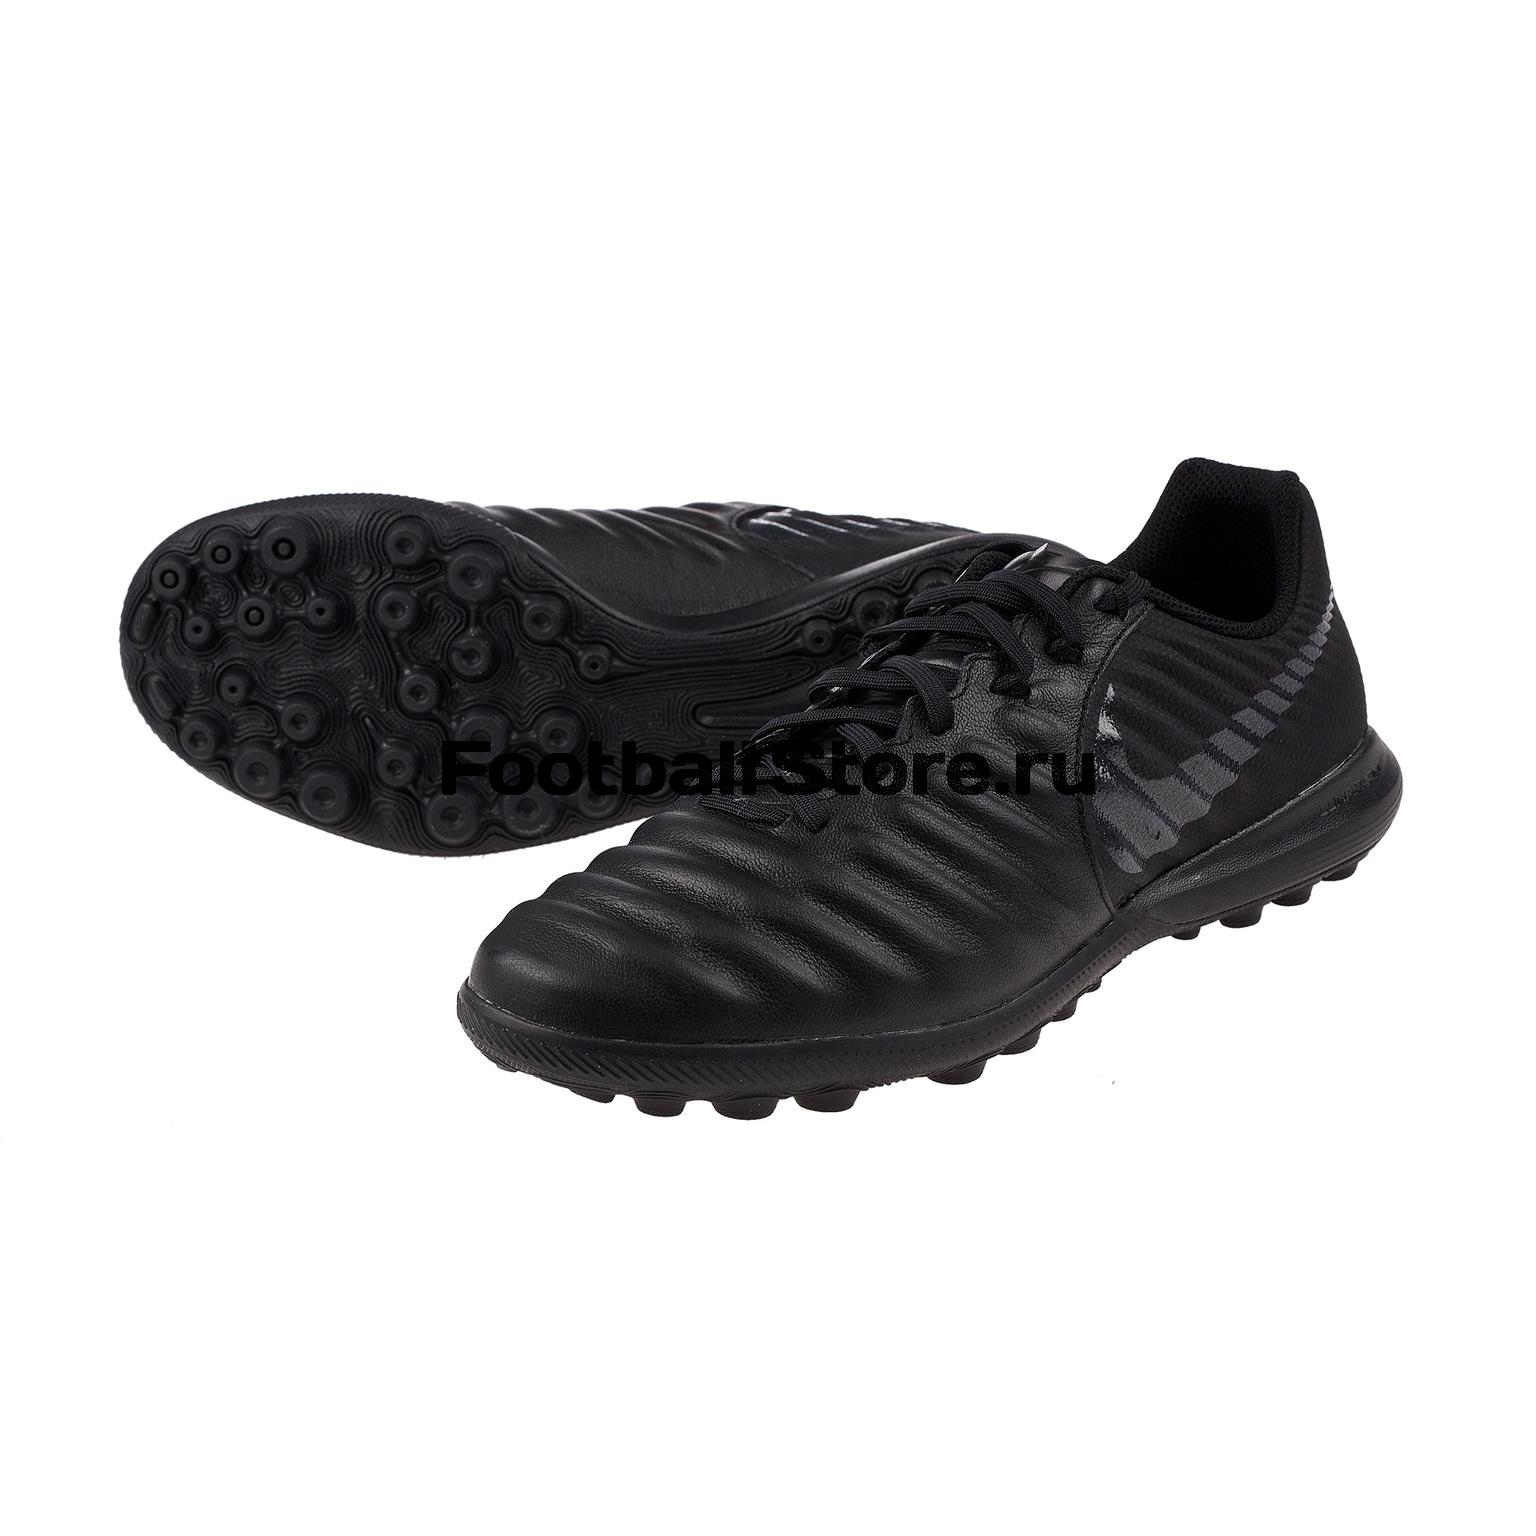 купить Шиповки Nike Lunar LegendX 7 Pro TF AH7249-001 по цене 3899 рублей